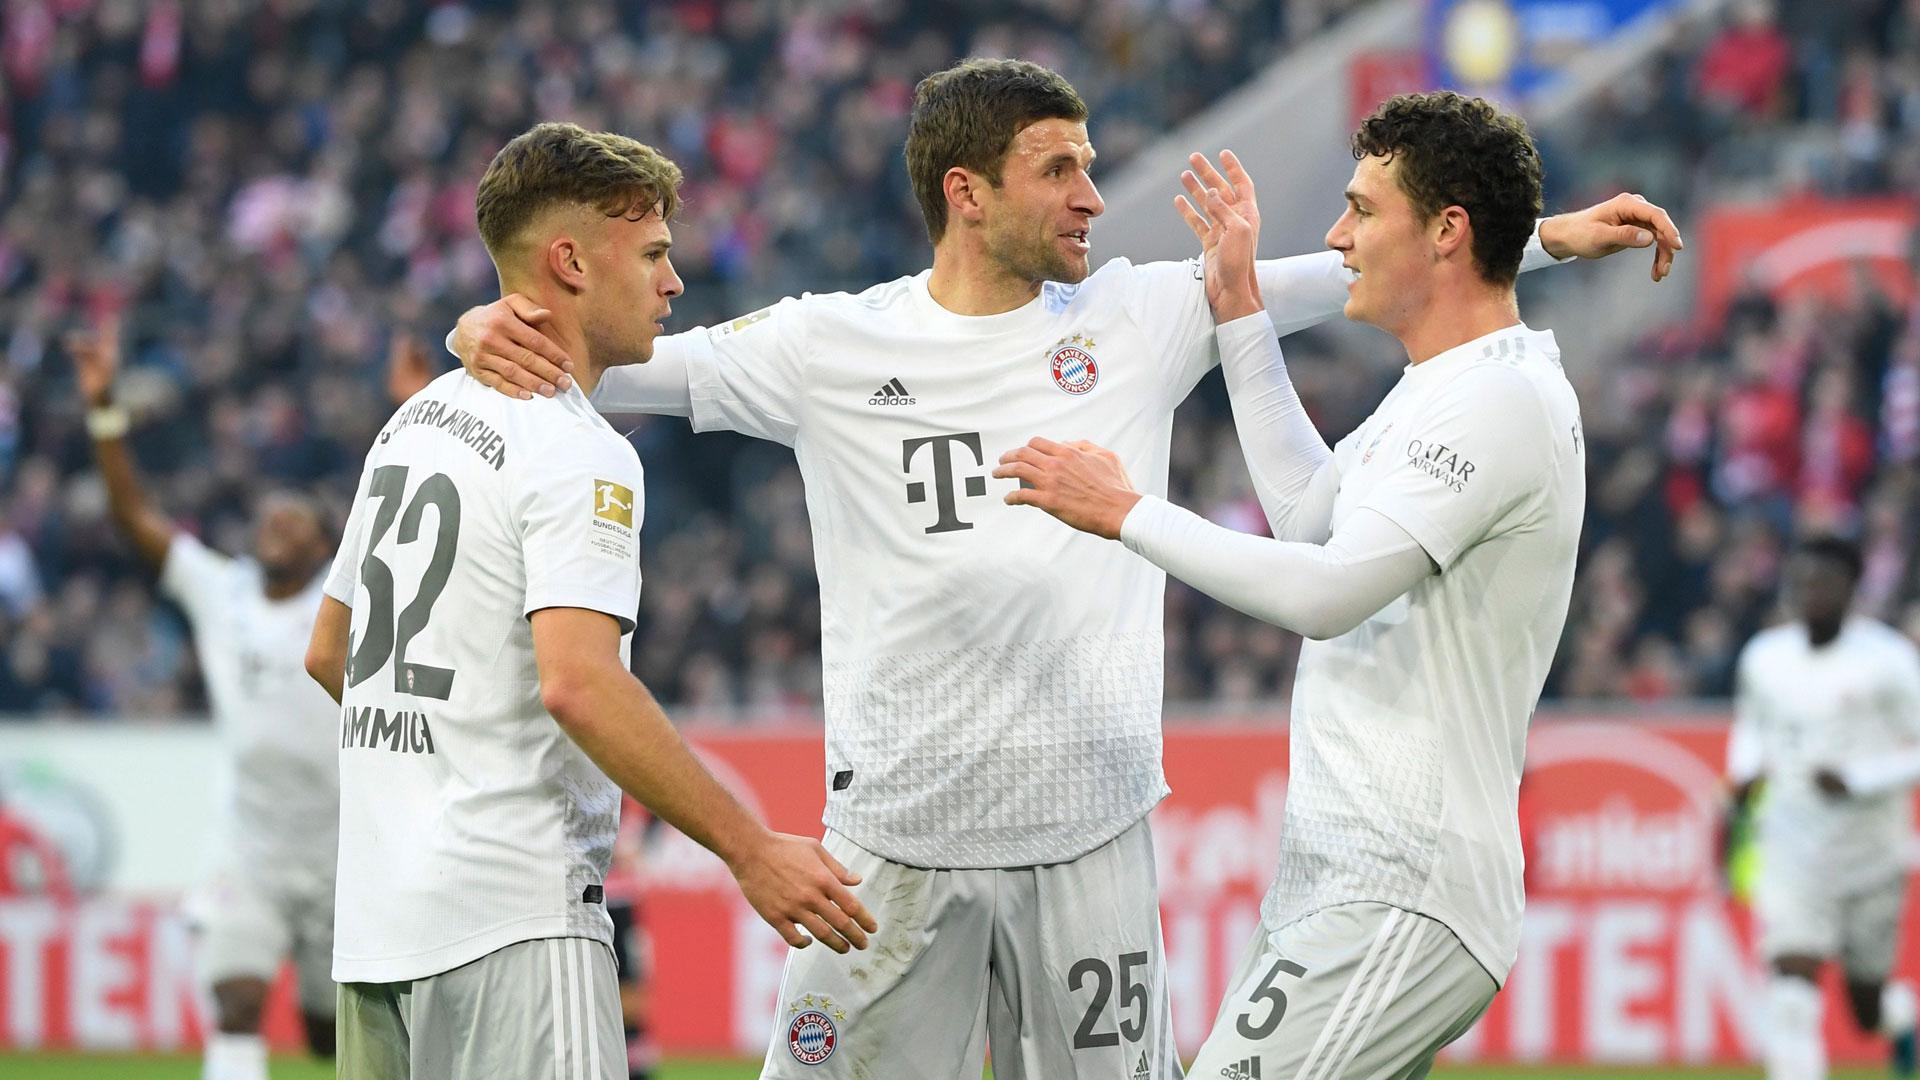 Wer Zeigt Ubertragt Fc Bayern Munchen Vs Bayer Leverkusen